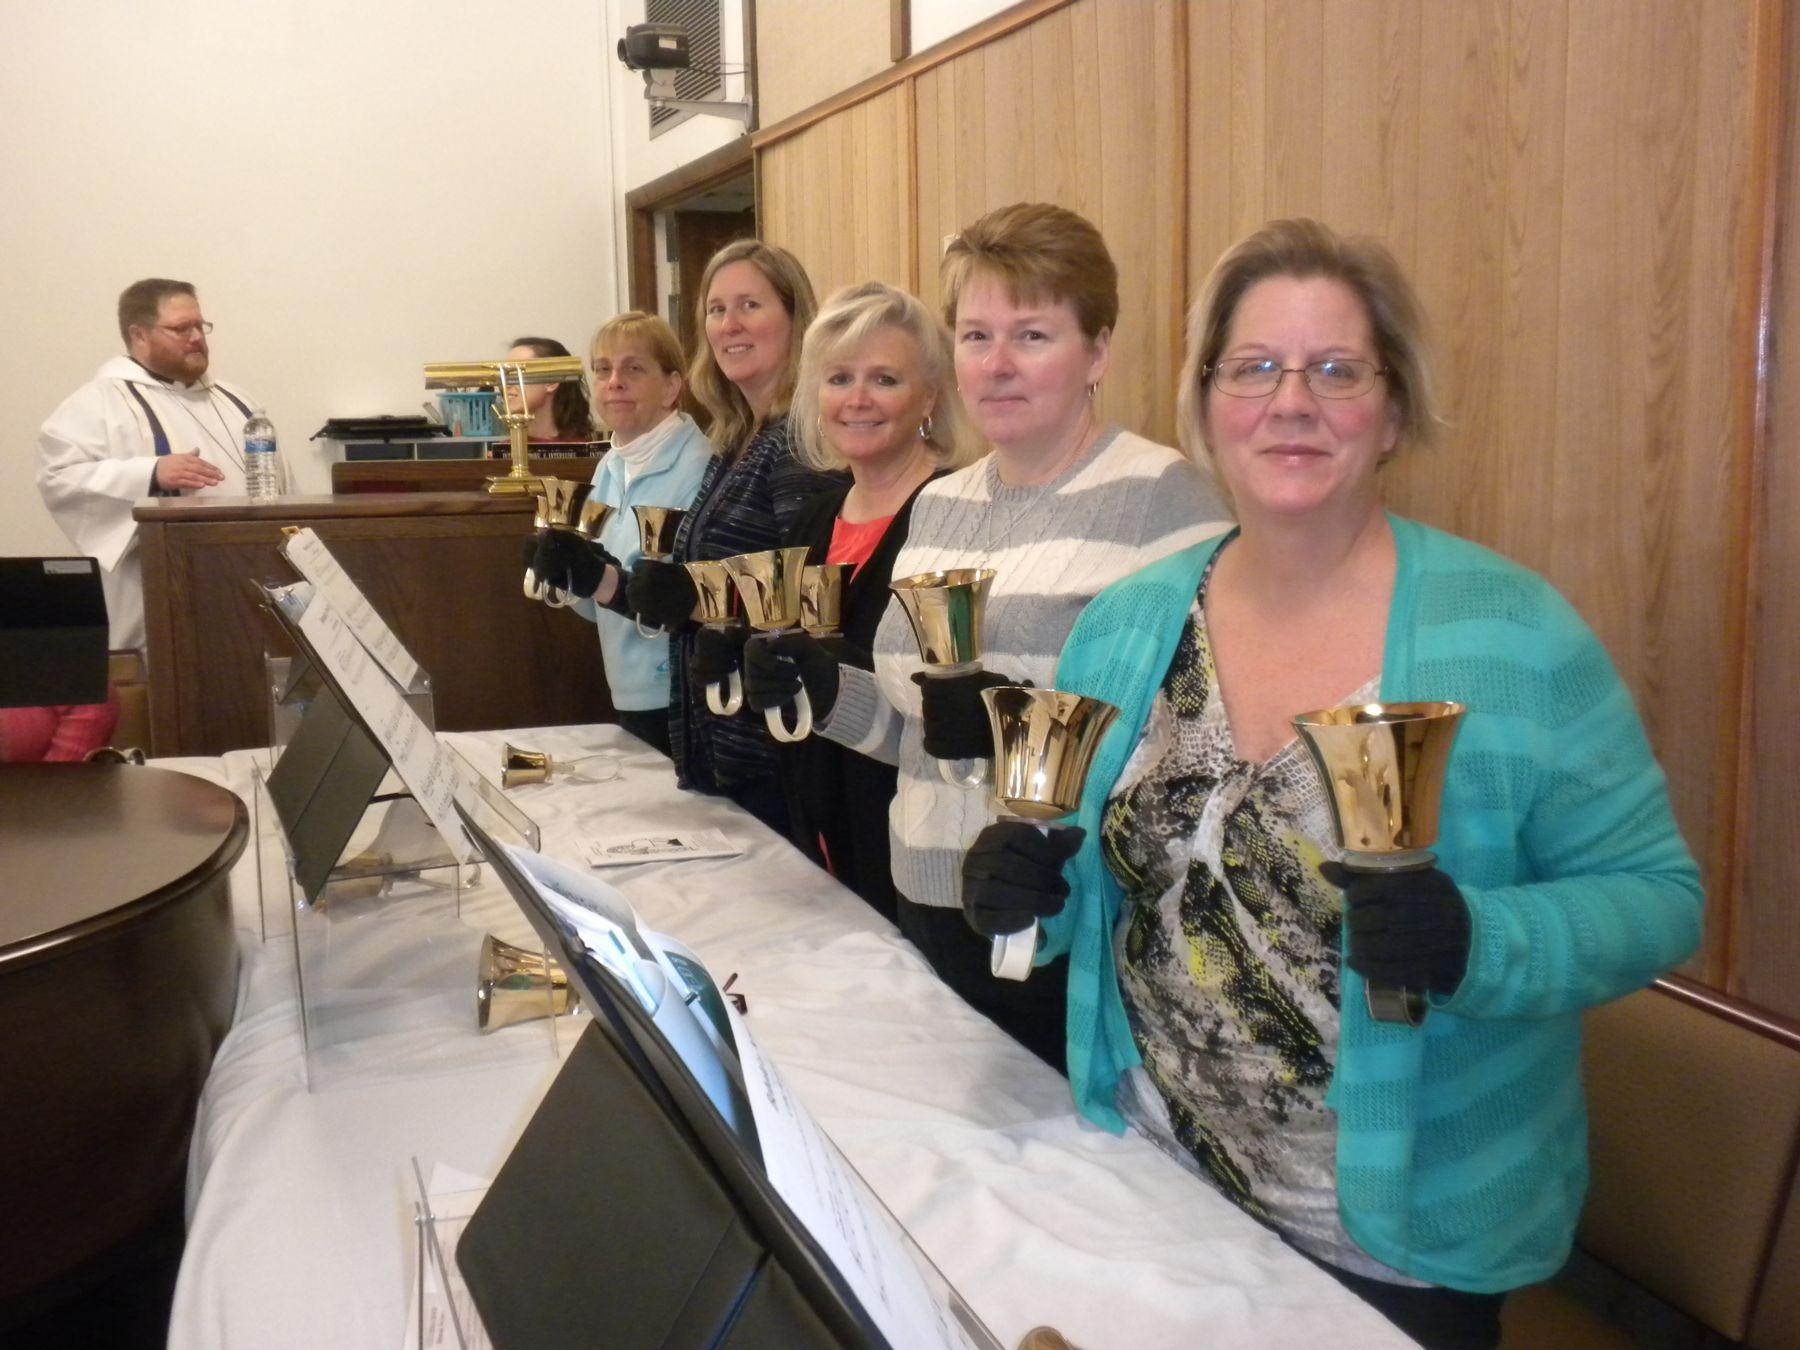 Members of our Bell Choir